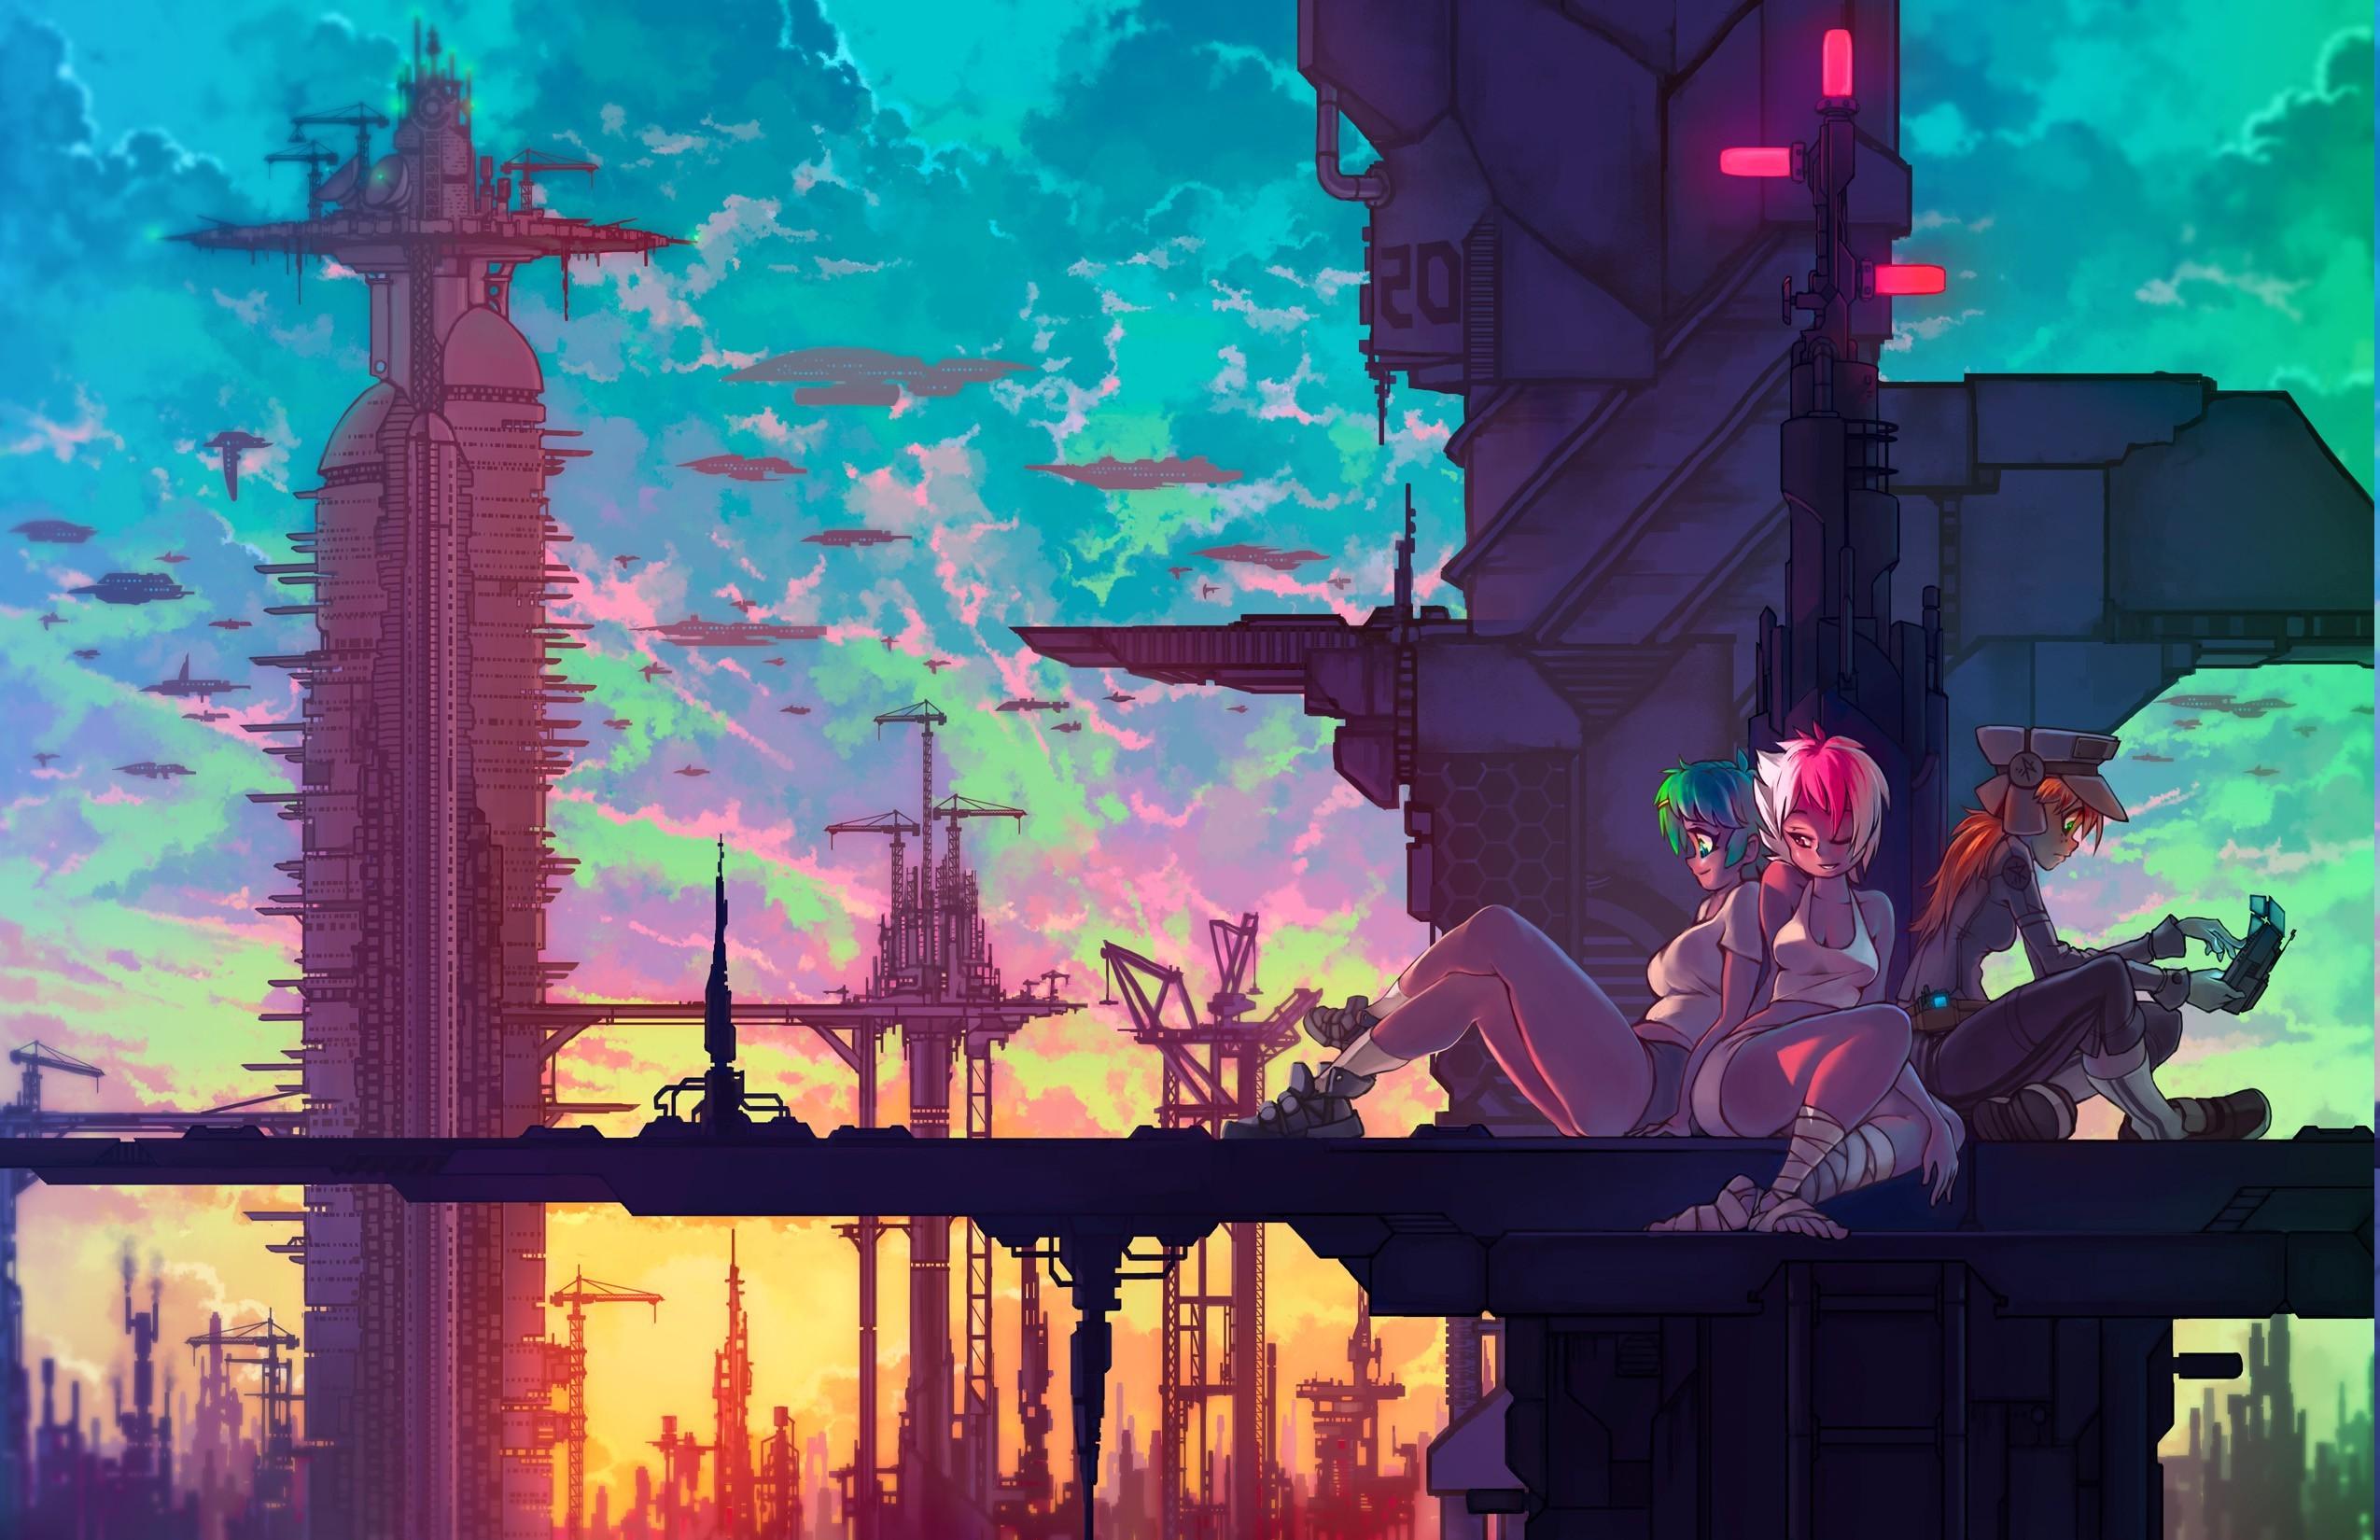 Futurist Anime Girl Wallpaper Wallpaper Illustration Fantasy Art Anime Girls Sky